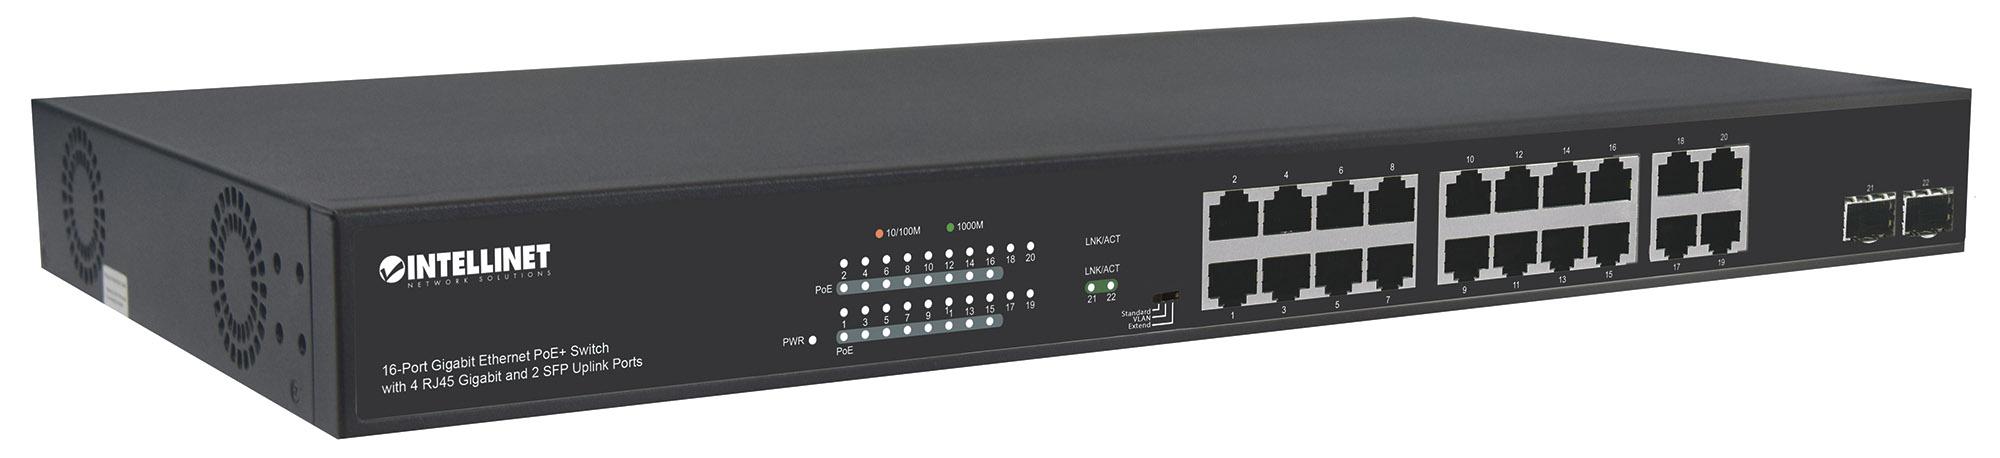 16-Port Gigabit Ethernet PoE+ Switch with 4 RJ45 Gigabit and 2 SFP Uplink Ports